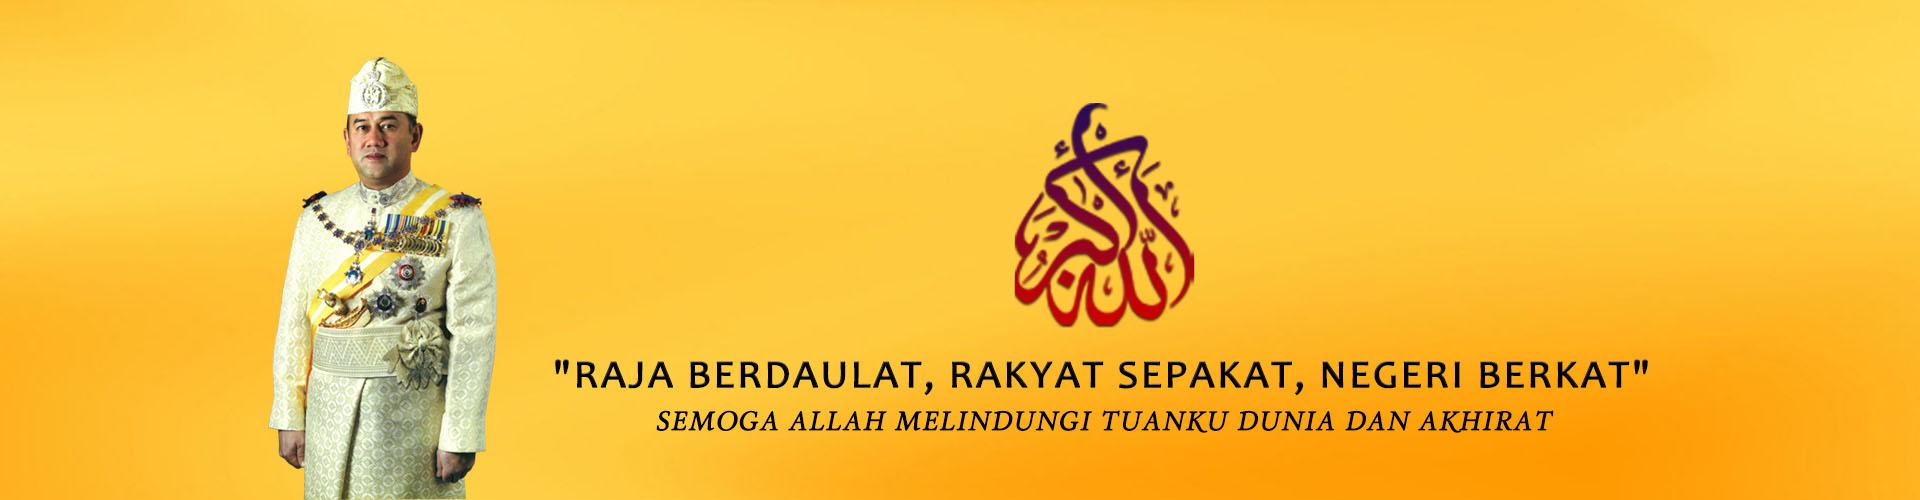 banner-smv-waqaf